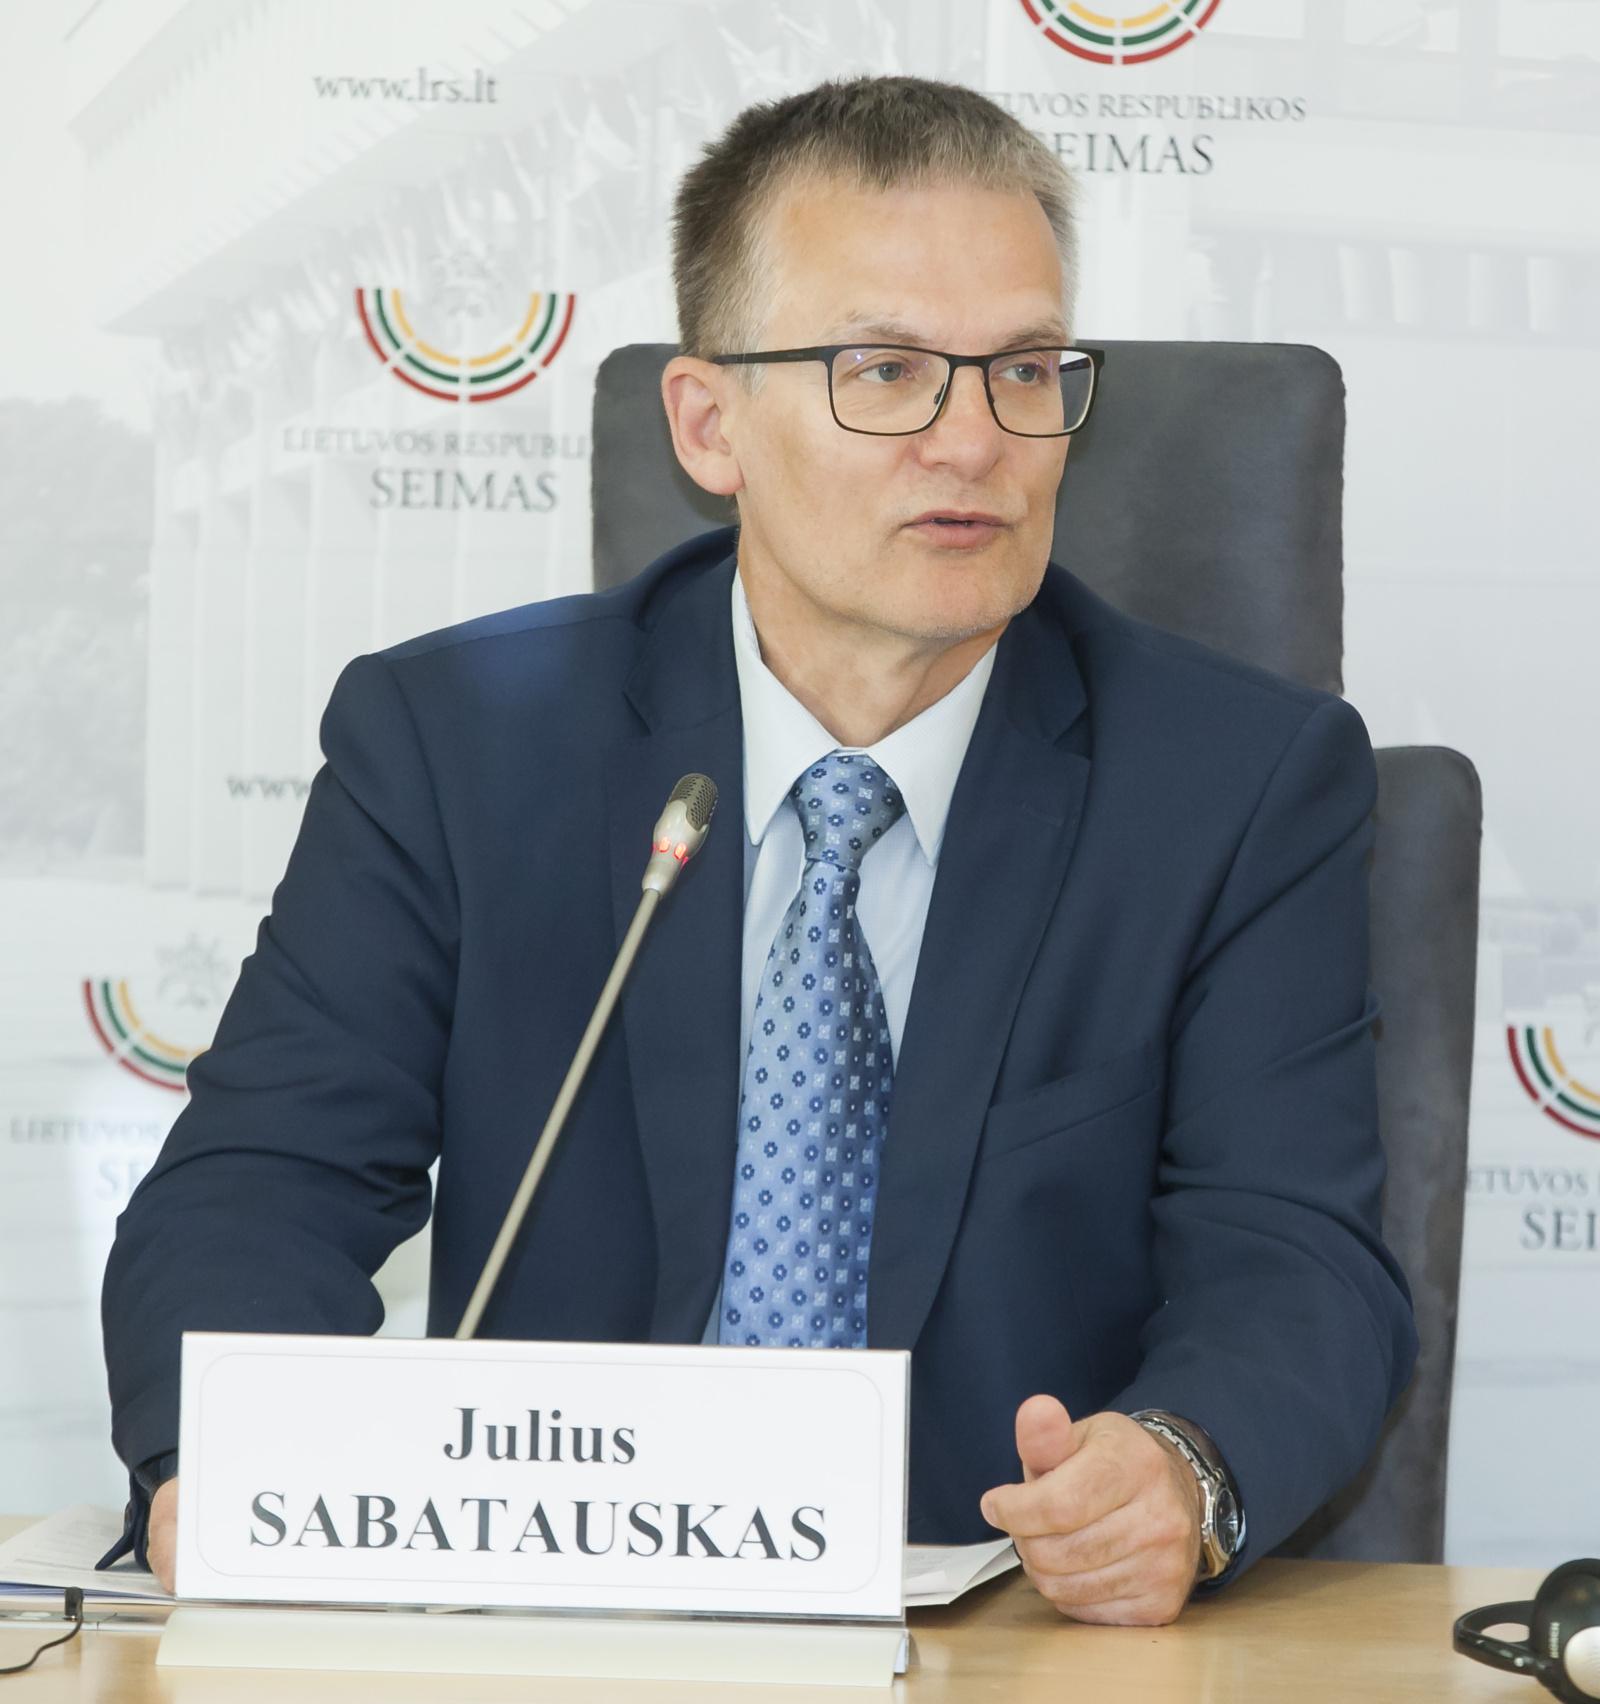 J. Sabatauskas siūlo įstatymo pataisas, įpareigojančios premjerą siūlyti naują ministrą per 15 dienų